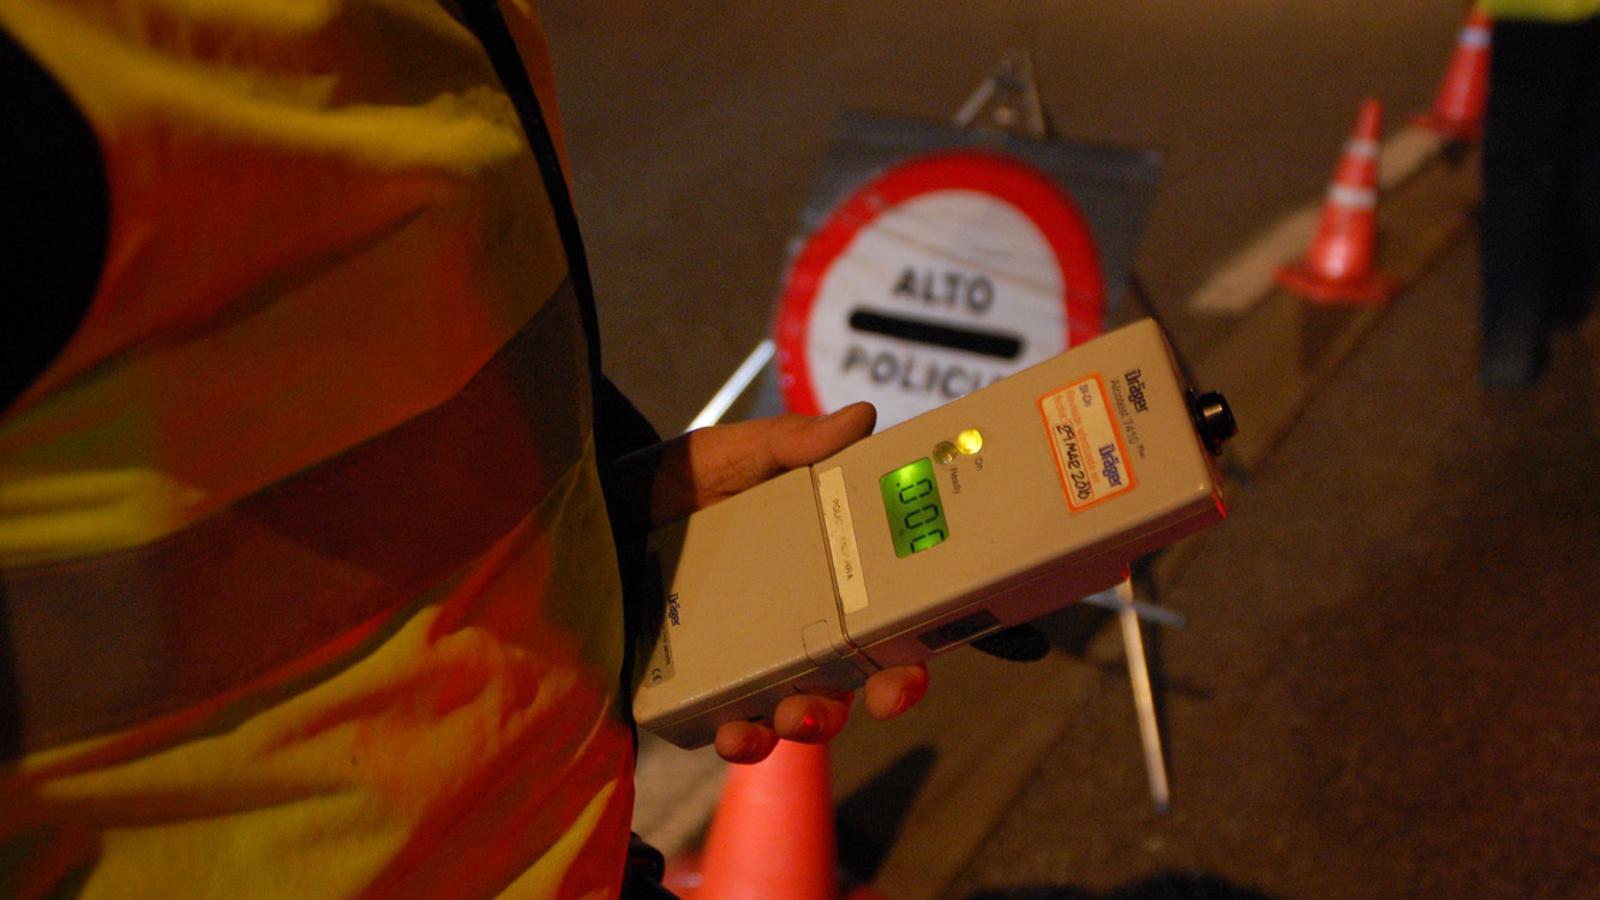 La policia realitza un control d'alcoholèmia. / ARXIU ANA